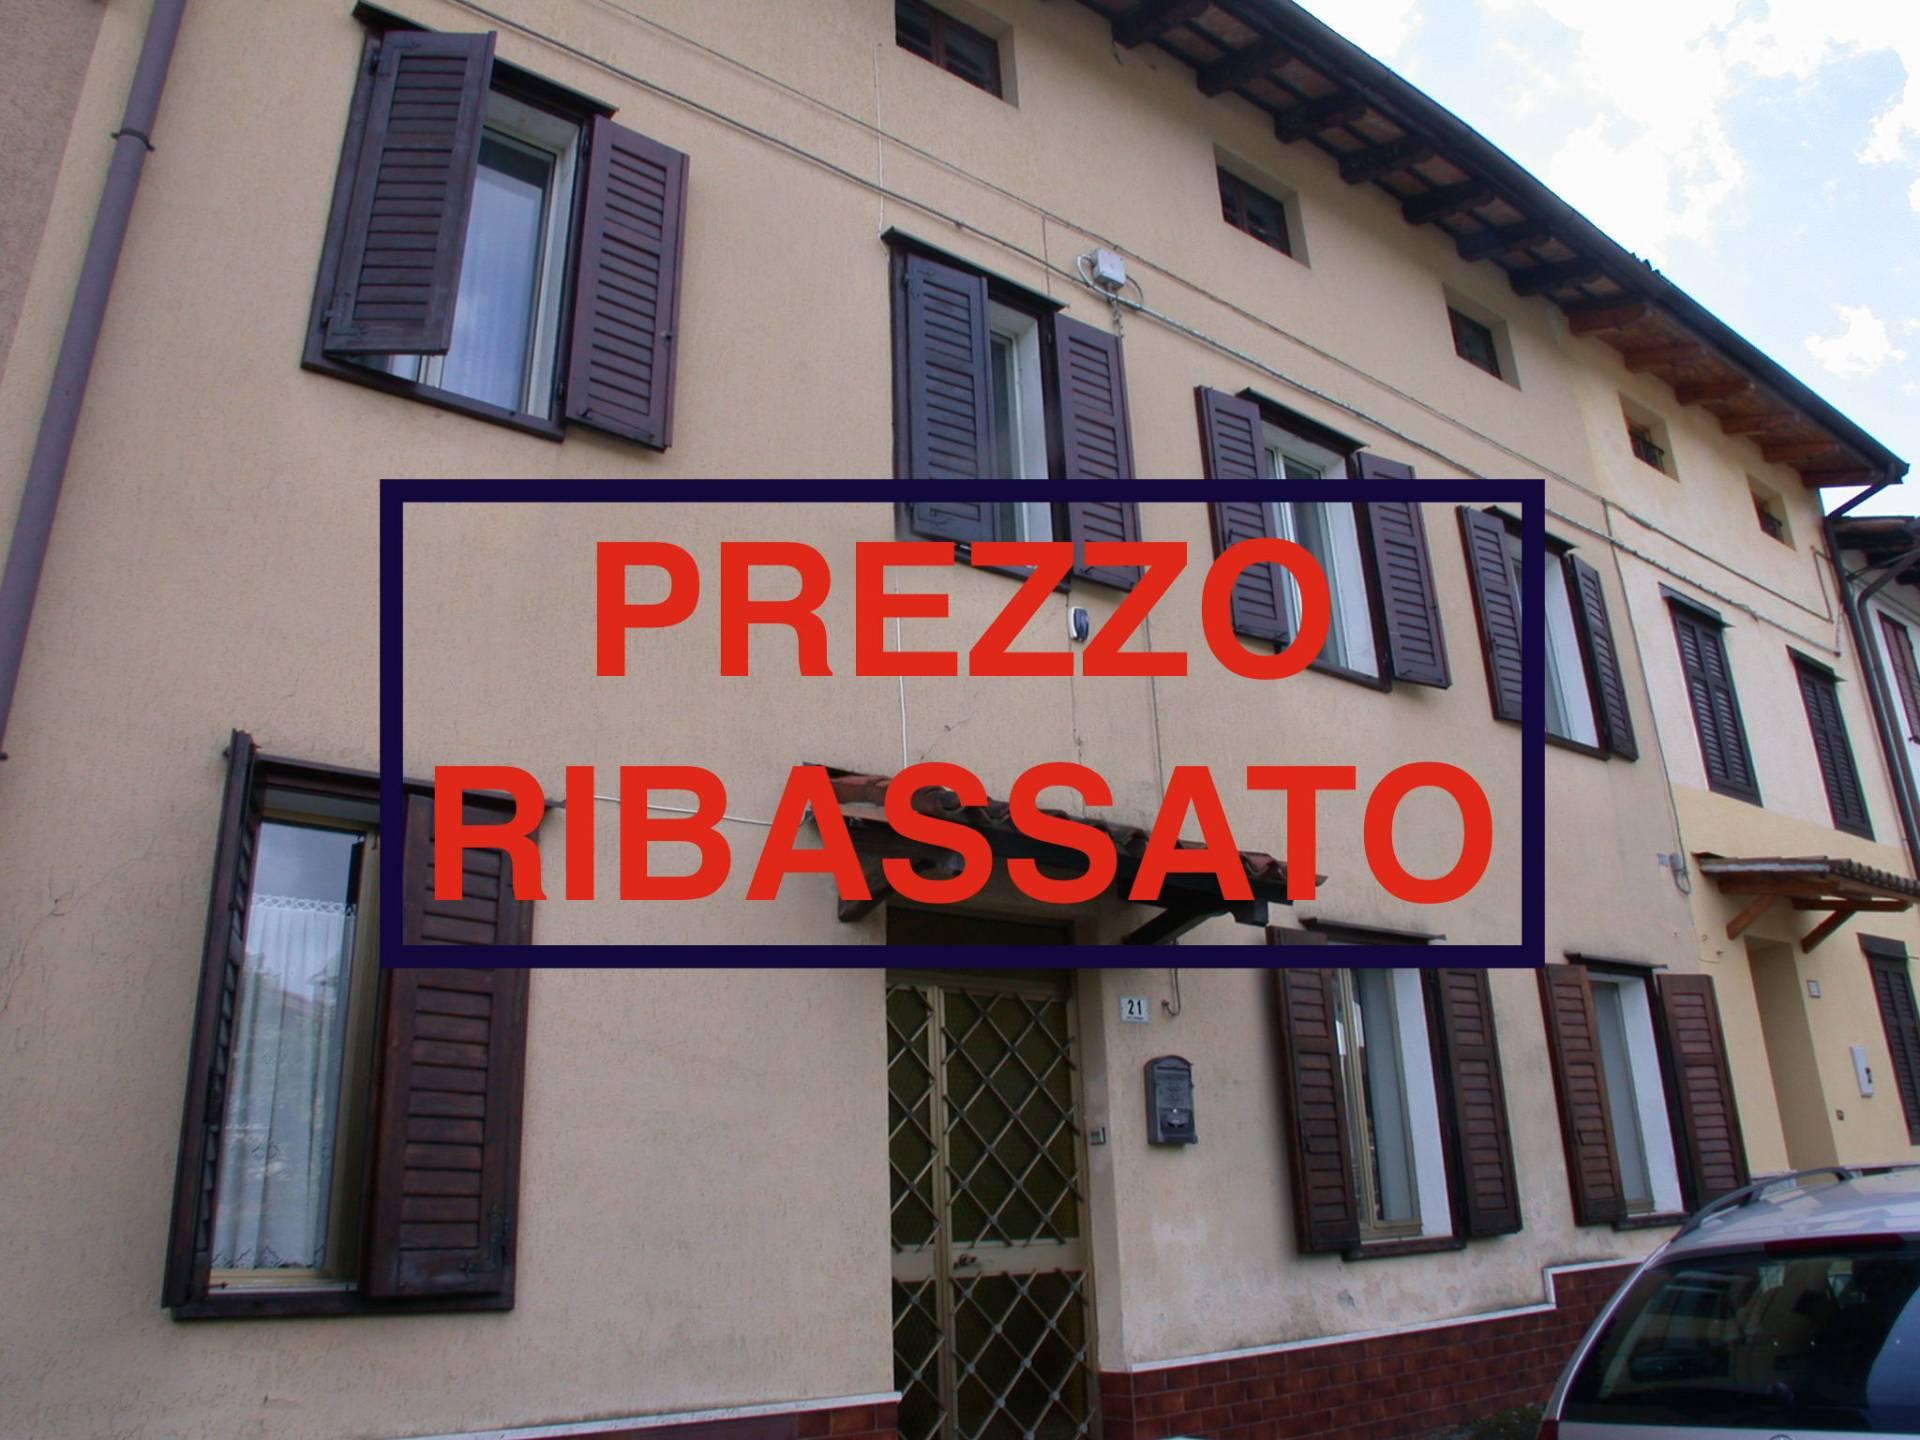 Villa in vendita a Gorizia, 10 locali, zona Località: Piedimonte, prezzo € 77.000 | Cambio Casa.it